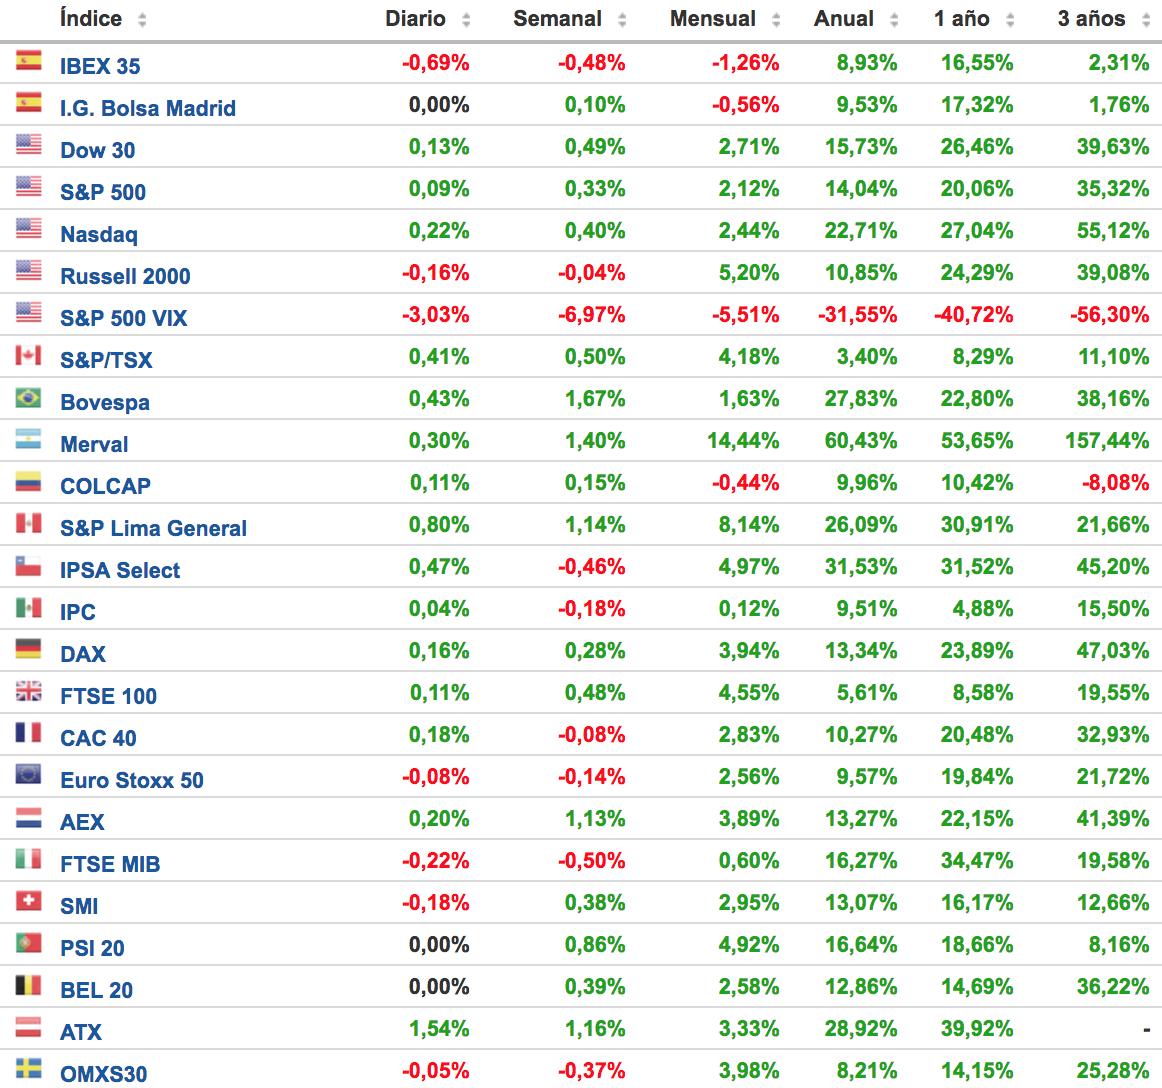 cuadro de comportamiento de los principales índices bursátiles semana del 9 al 15 de octubre